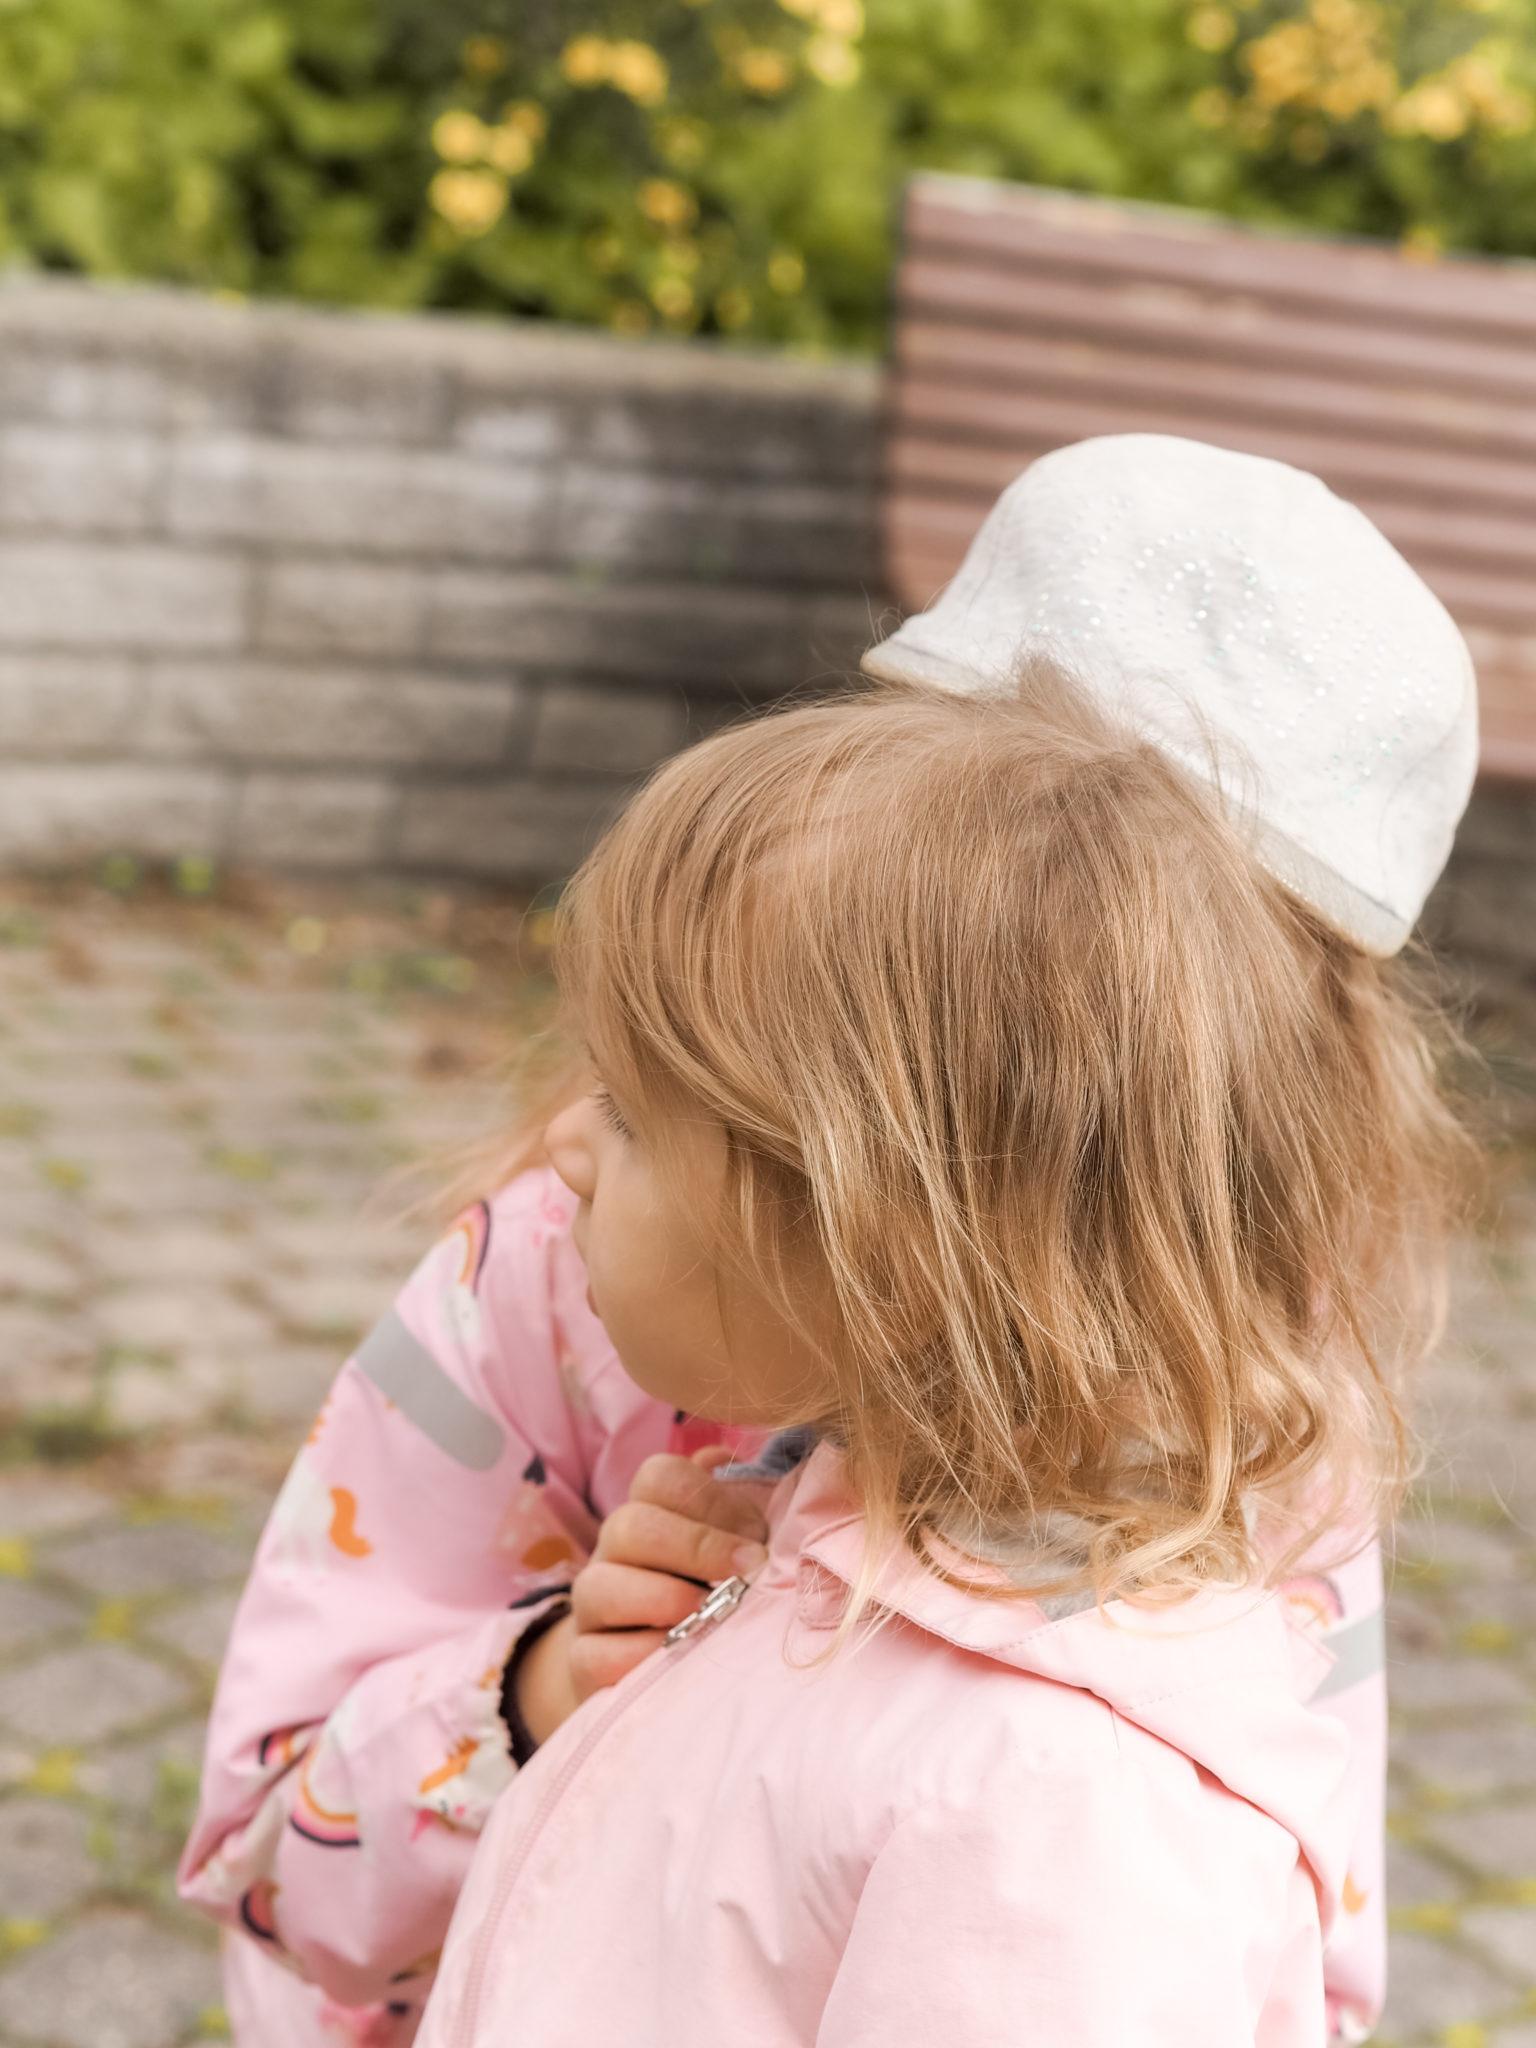 Lasten seksuaalikasvatus - Kehotunnekasvatus - BMH - Big mamas home by Jenni